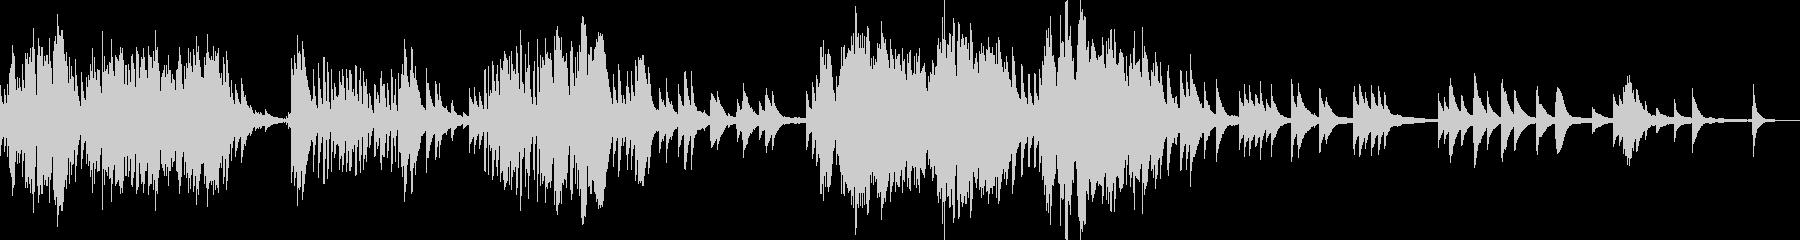 切なく情熱的な雰囲気のピアノサウンドの未再生の波形